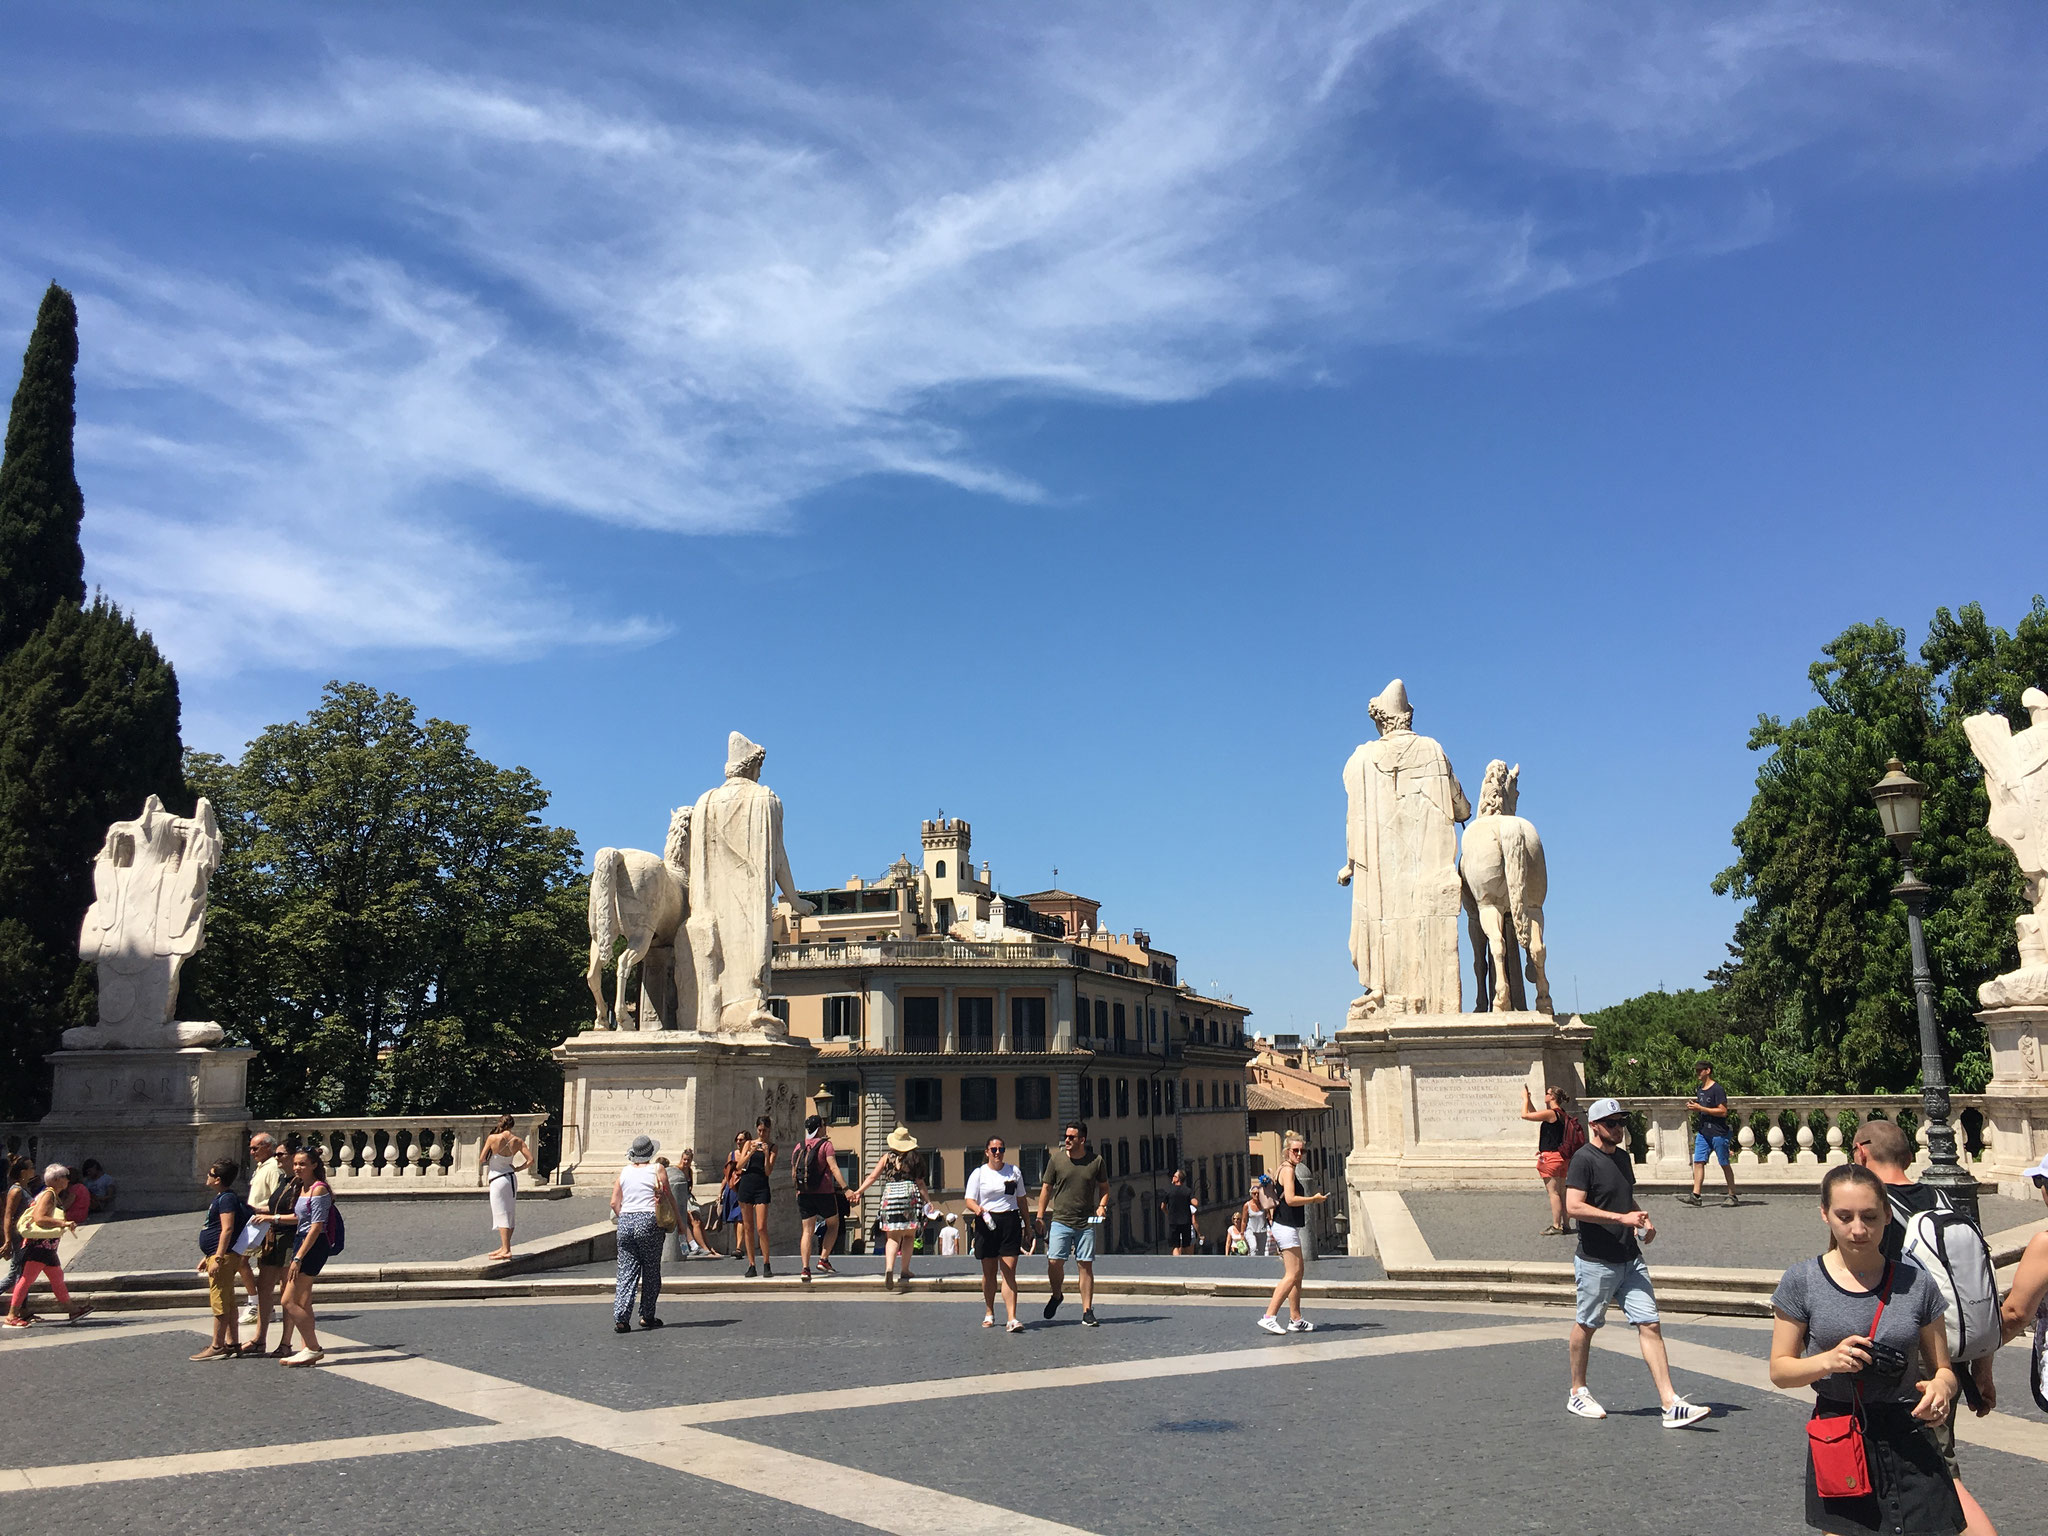 カンピドーリオ広場入口の左右には、ギリシャ神話に登場するカストルとポルックスの双子神の巨像が立ちます。